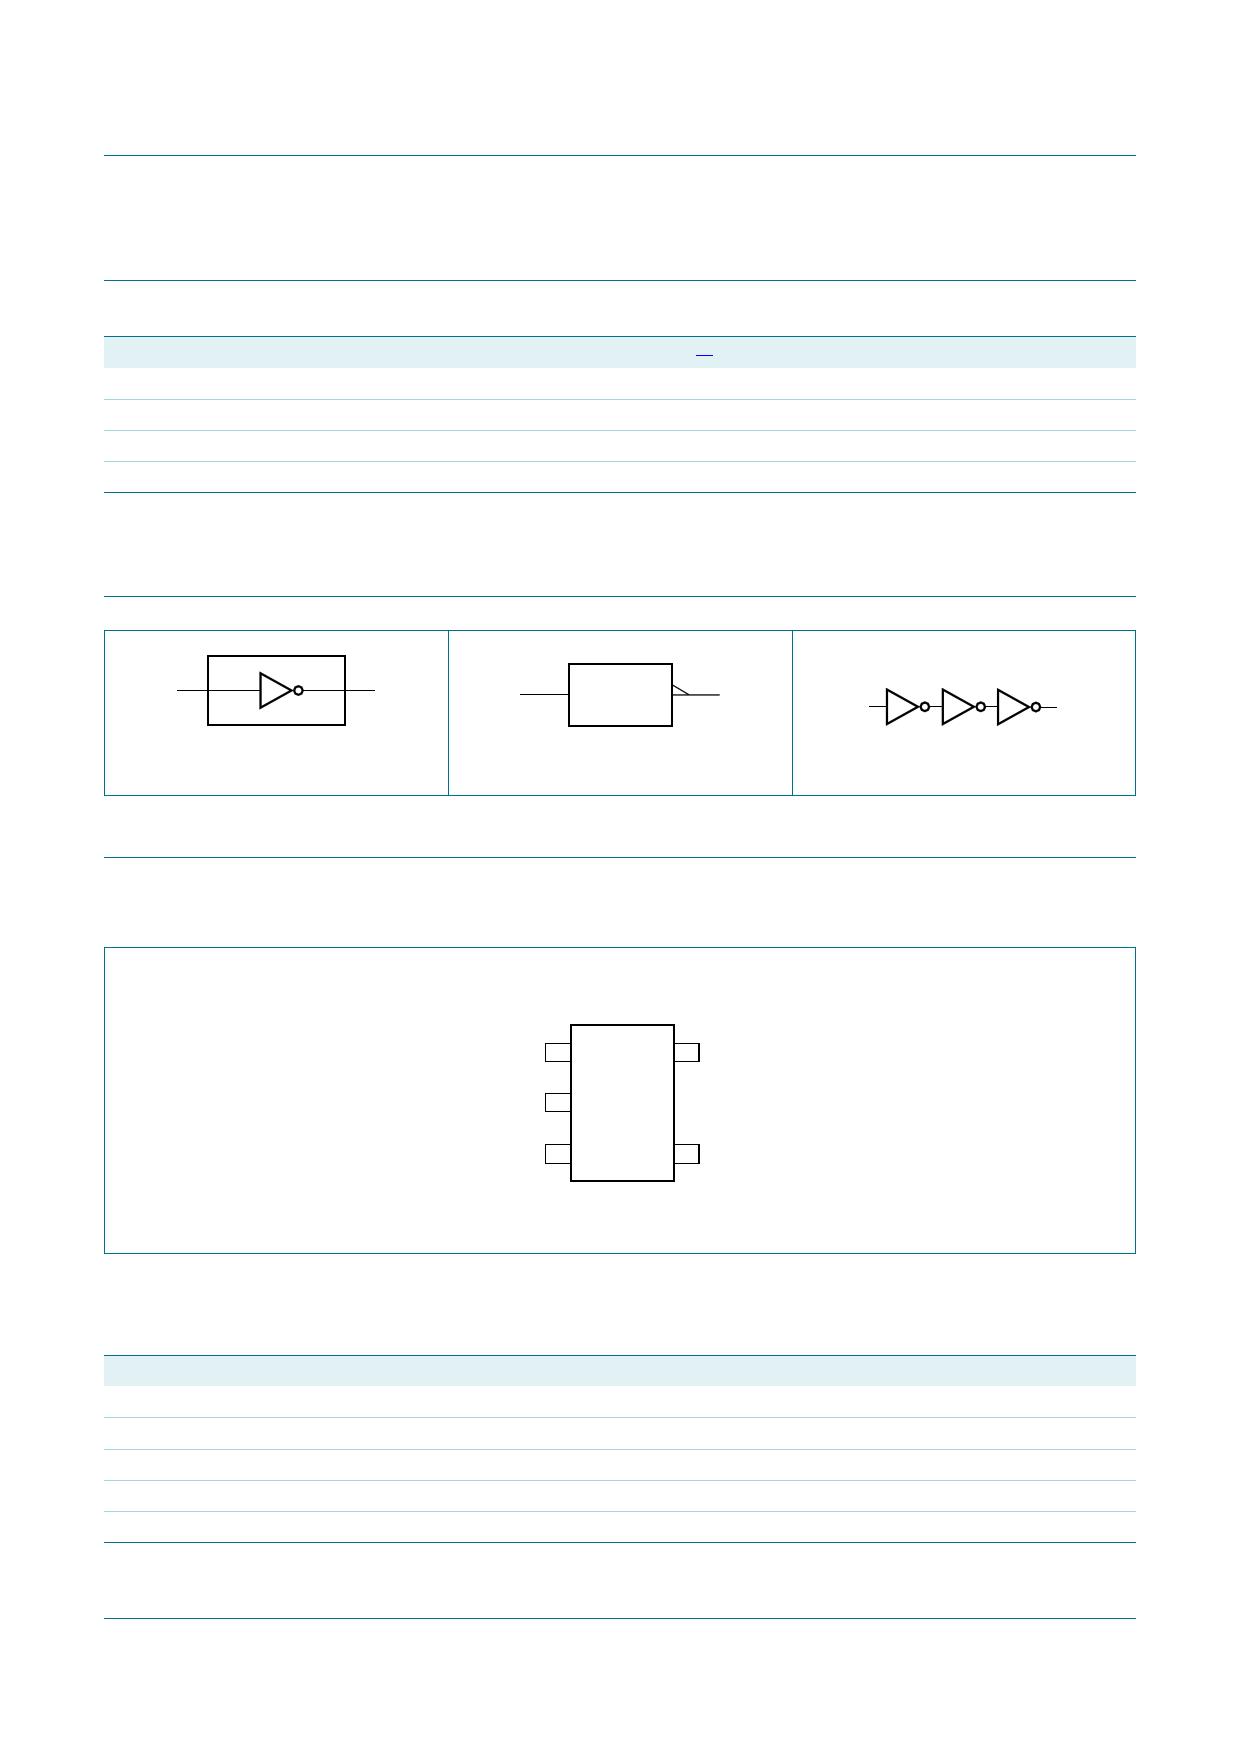 74HCT1G04 pdf, schematic